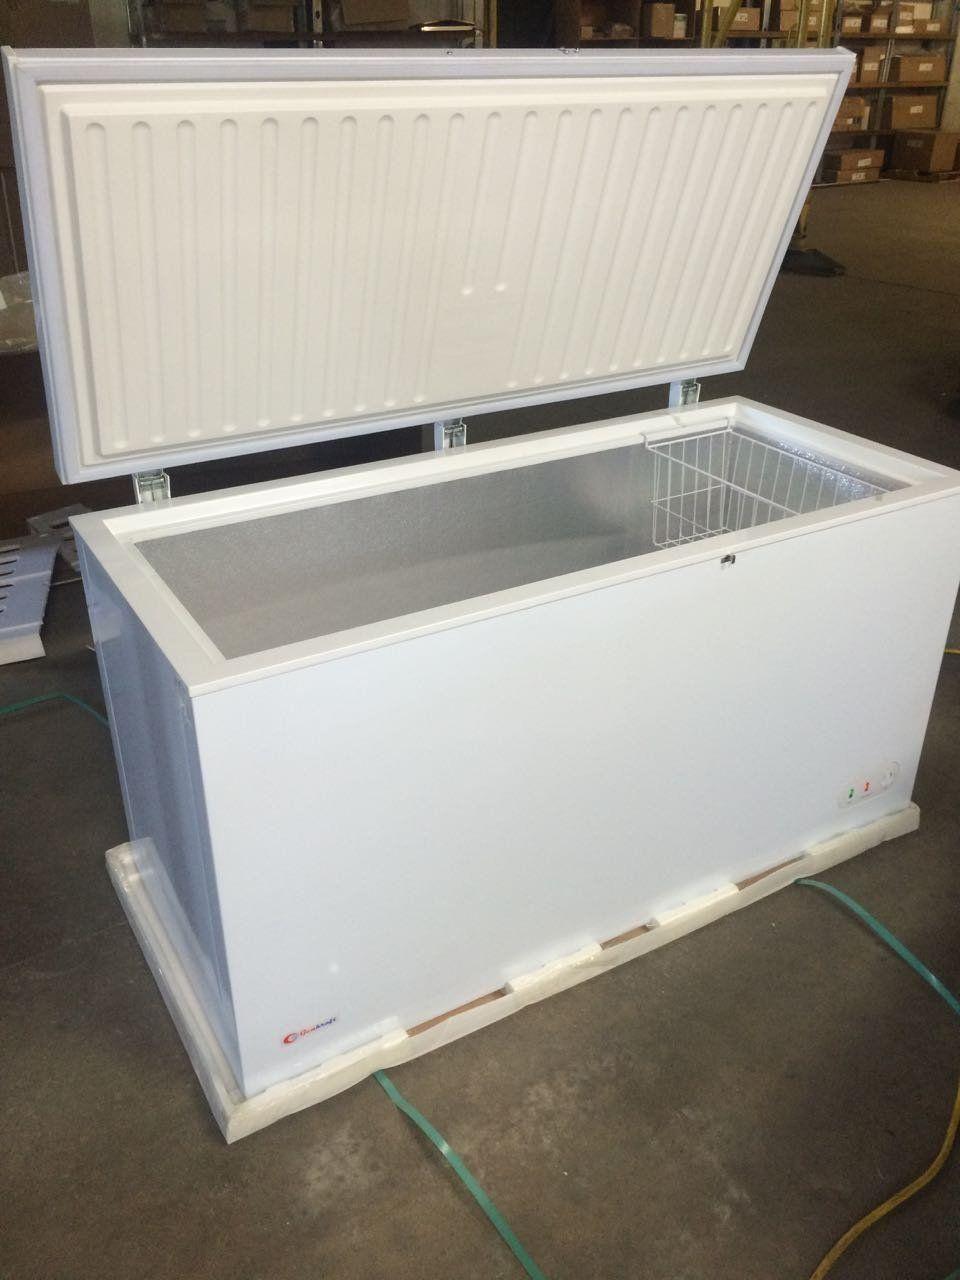 GenKraft Commercial Chest Freezer - Solid Top (Door) 19 5 Cu